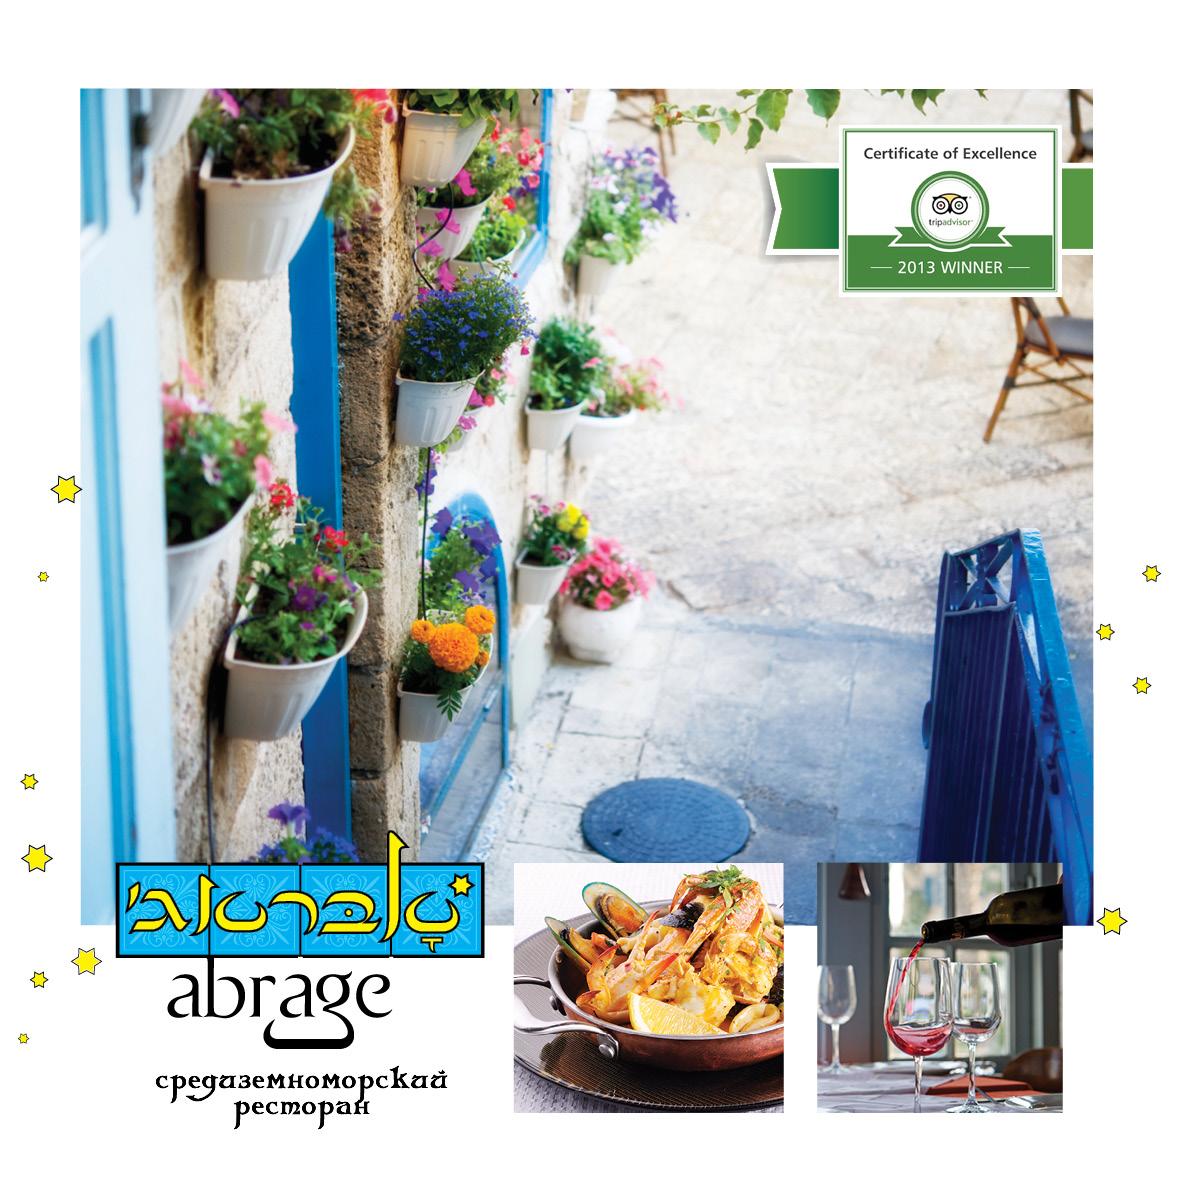 Международное признание ресторана Абраж